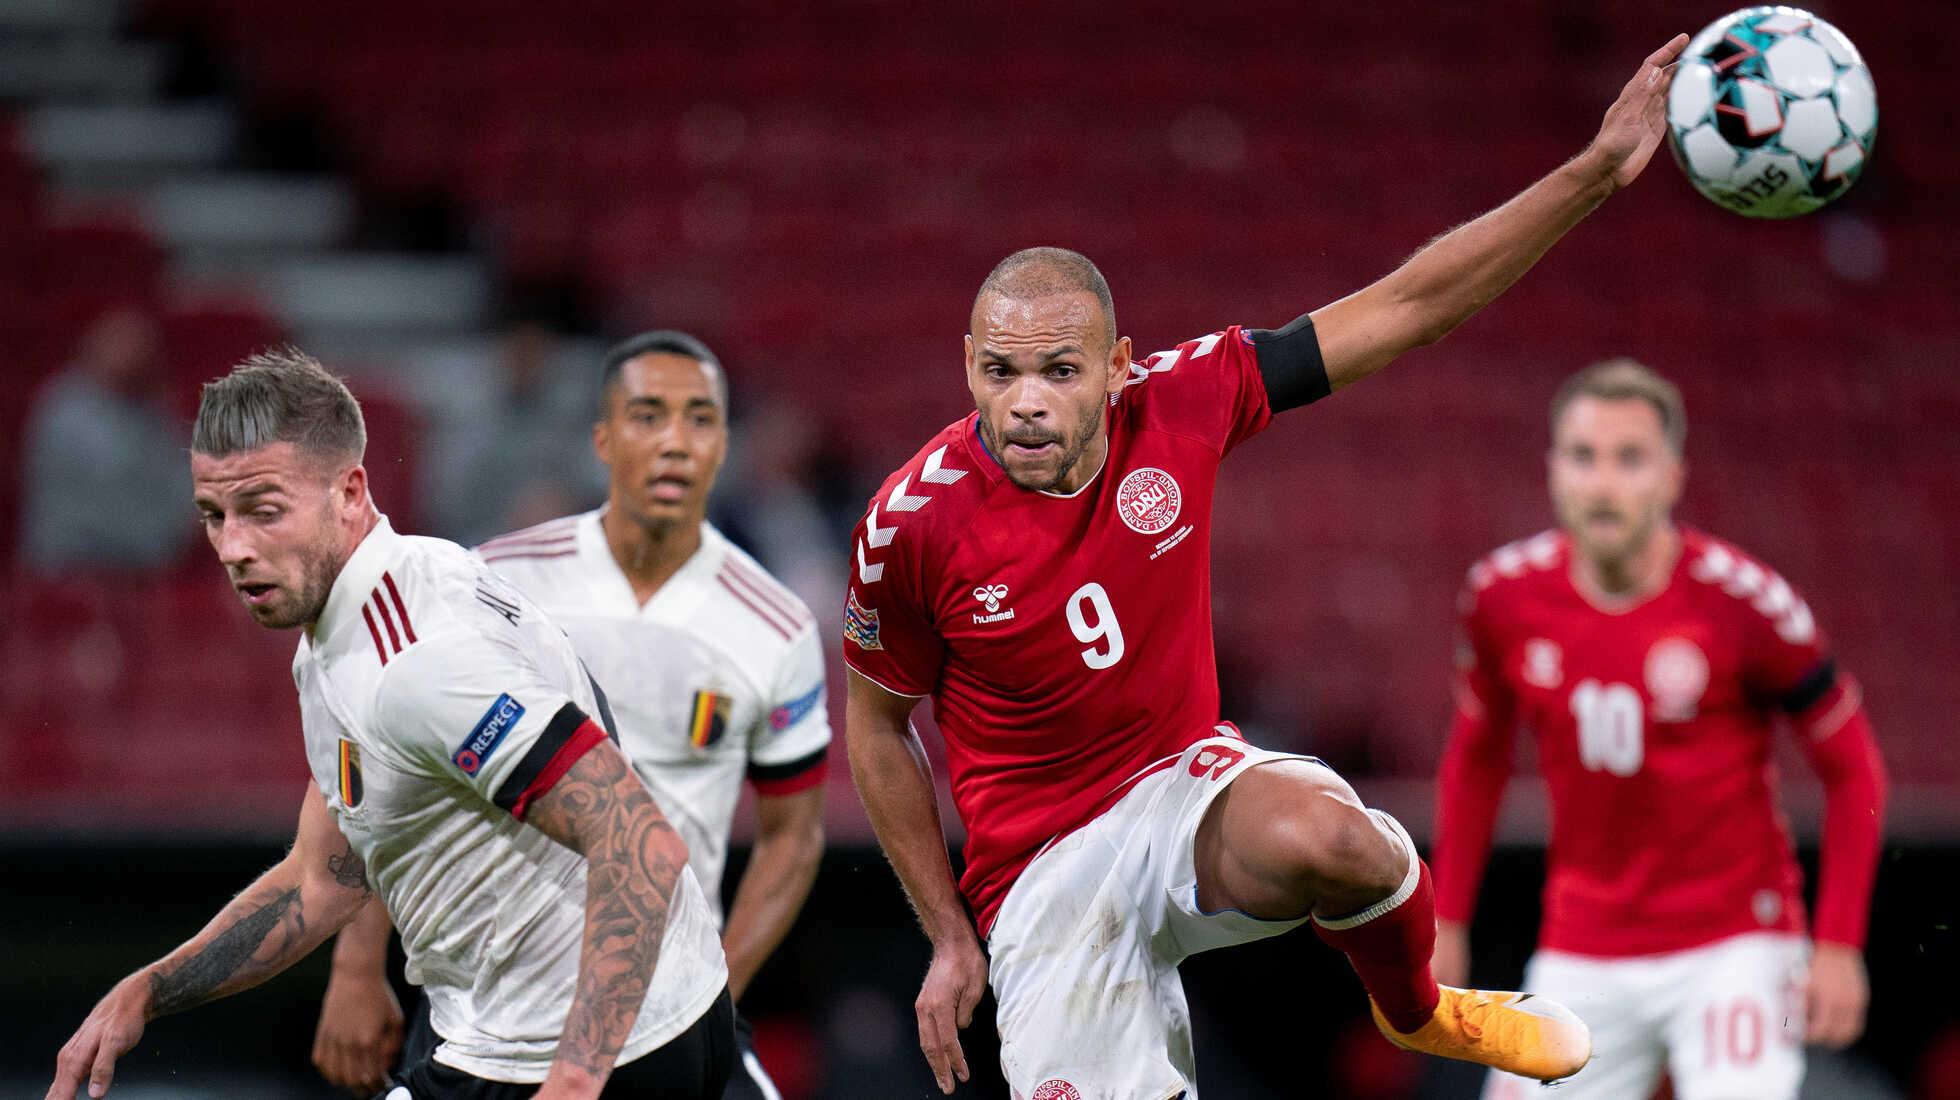 Nhận định Bỉ vs Đan Mạch, 02h45 ngày 19/11, Nations League